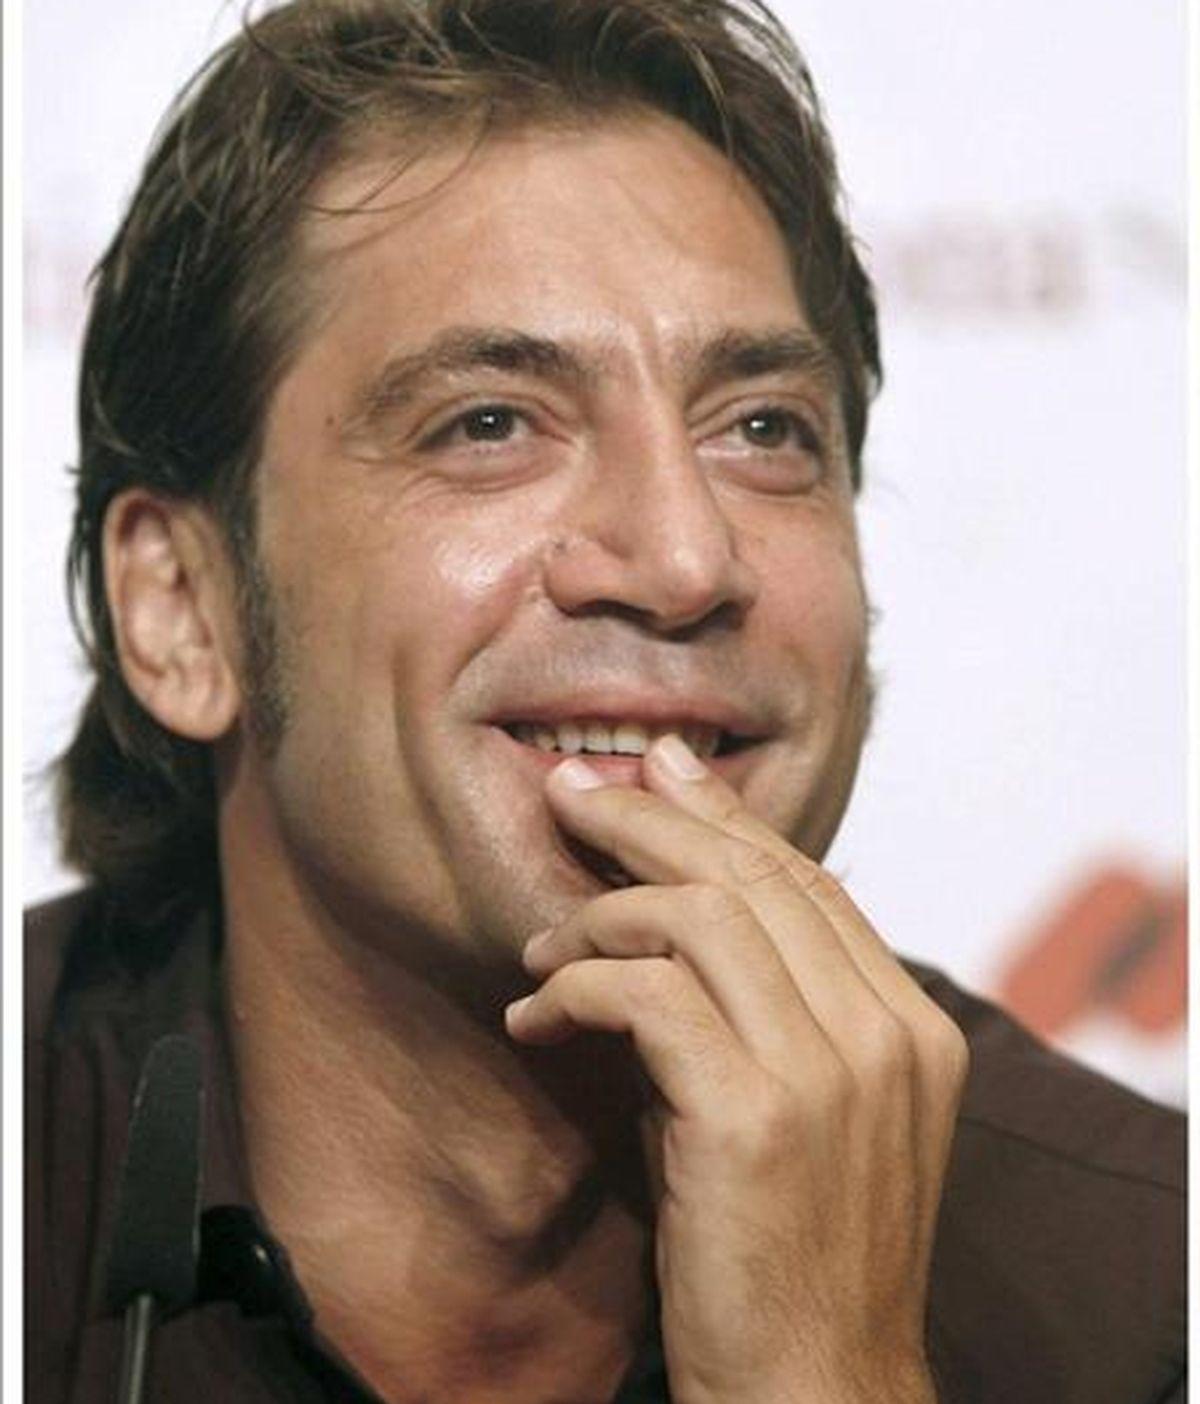 El actor Javier Bardem a quien el director italiano Sergio Castellito quiere junto a Penélope Cruz para su próxima película. EFE/Archivo